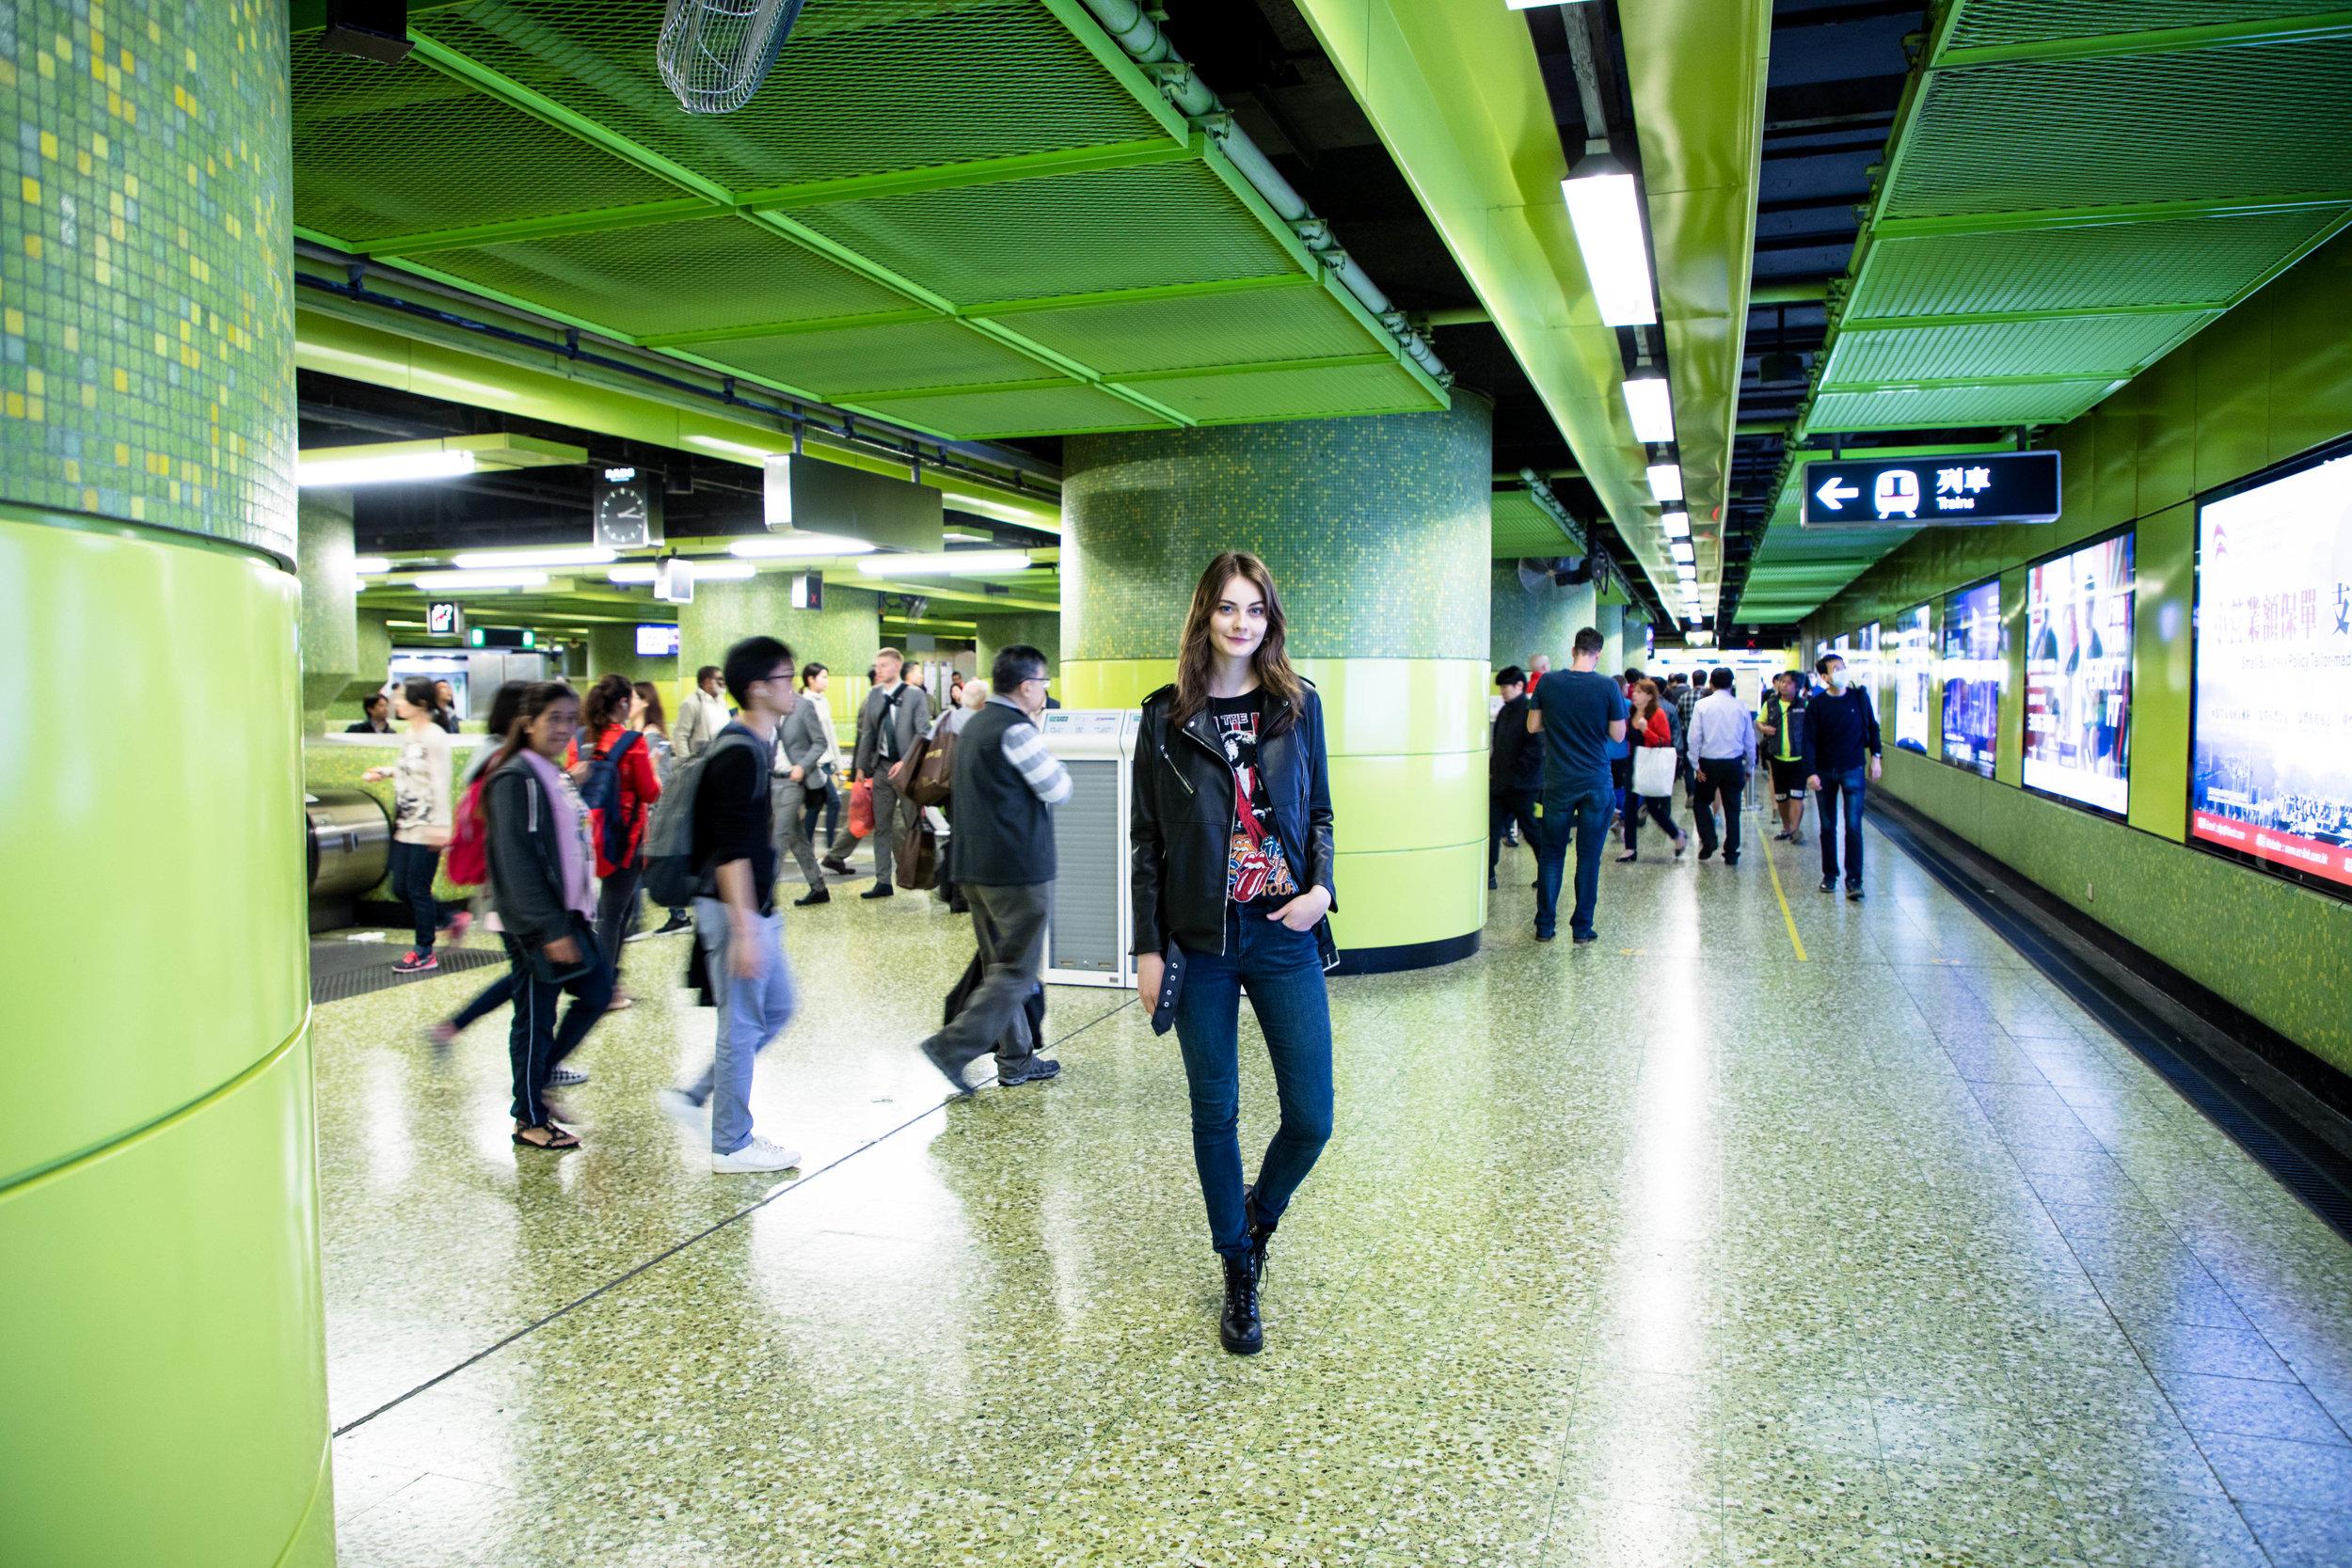 At the subway platform. Shot at 24mm, ISO 500, 1/30s, f/4